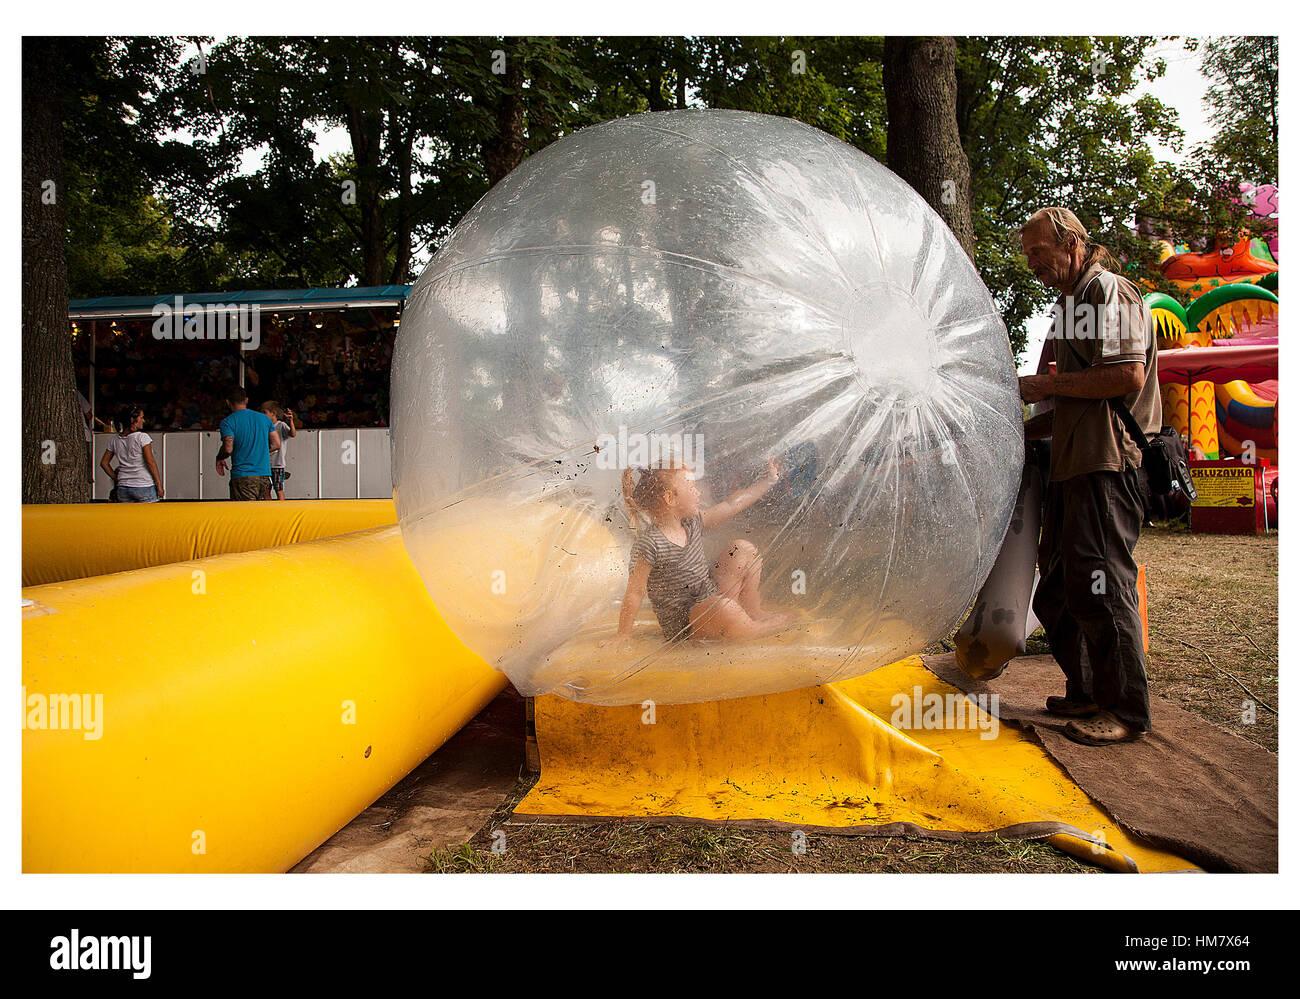 Bambini acqua Zorbing in Scozia, Regno Unito Immagini Stock